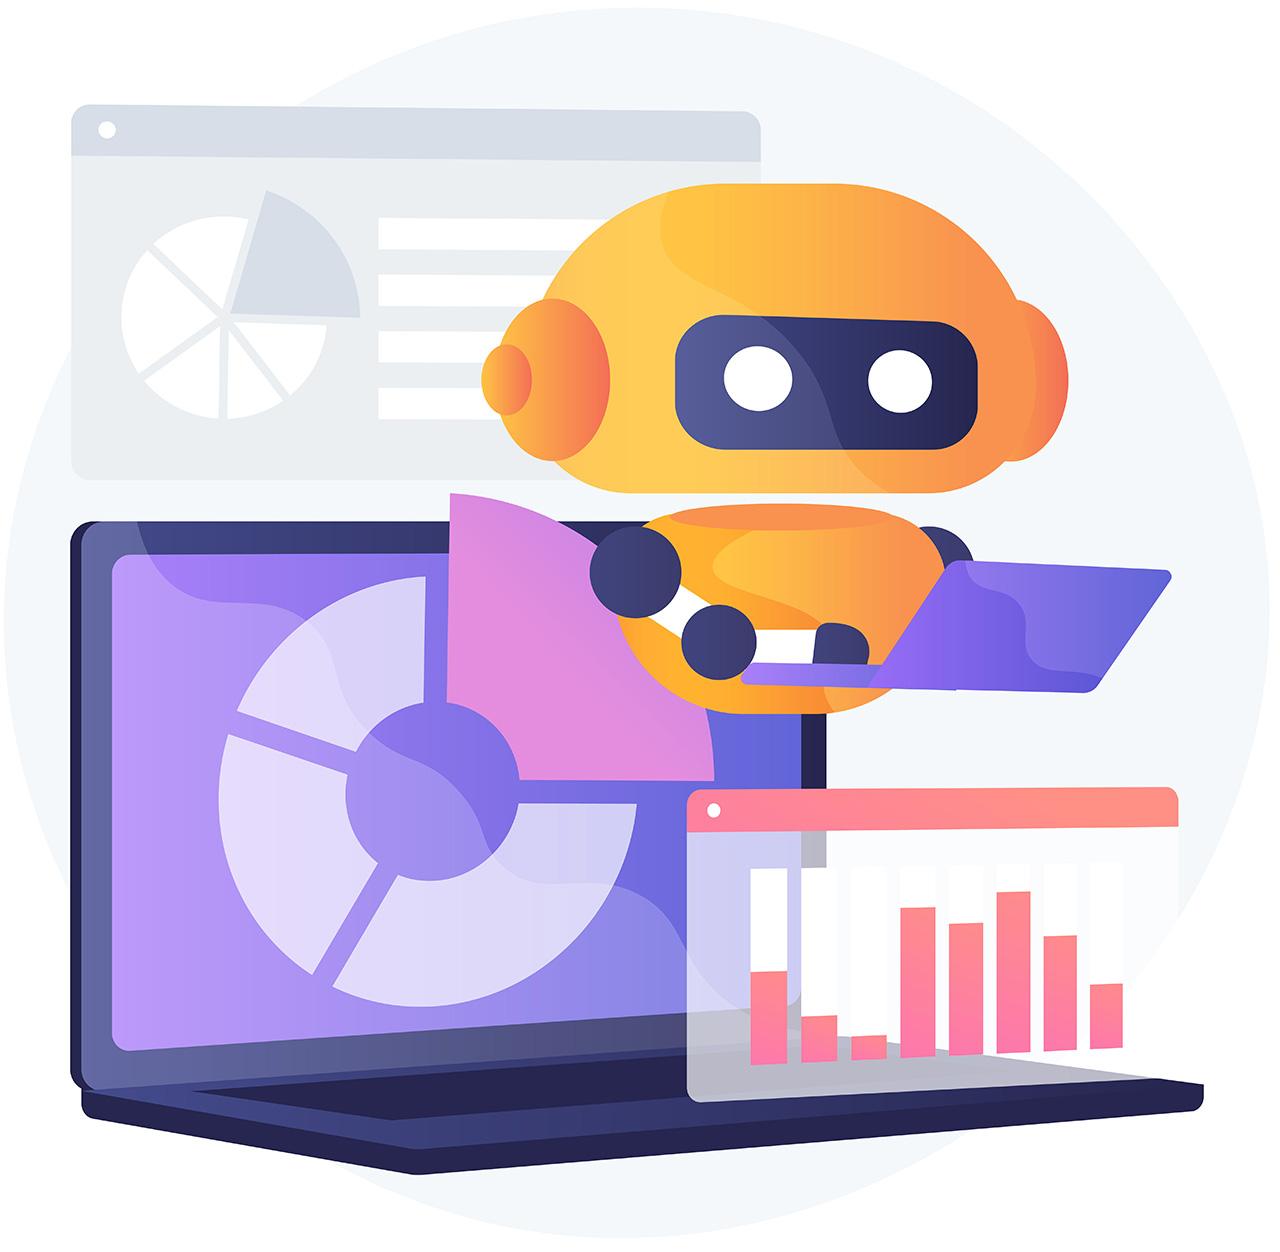 bot sucht nach strukturierten Daten